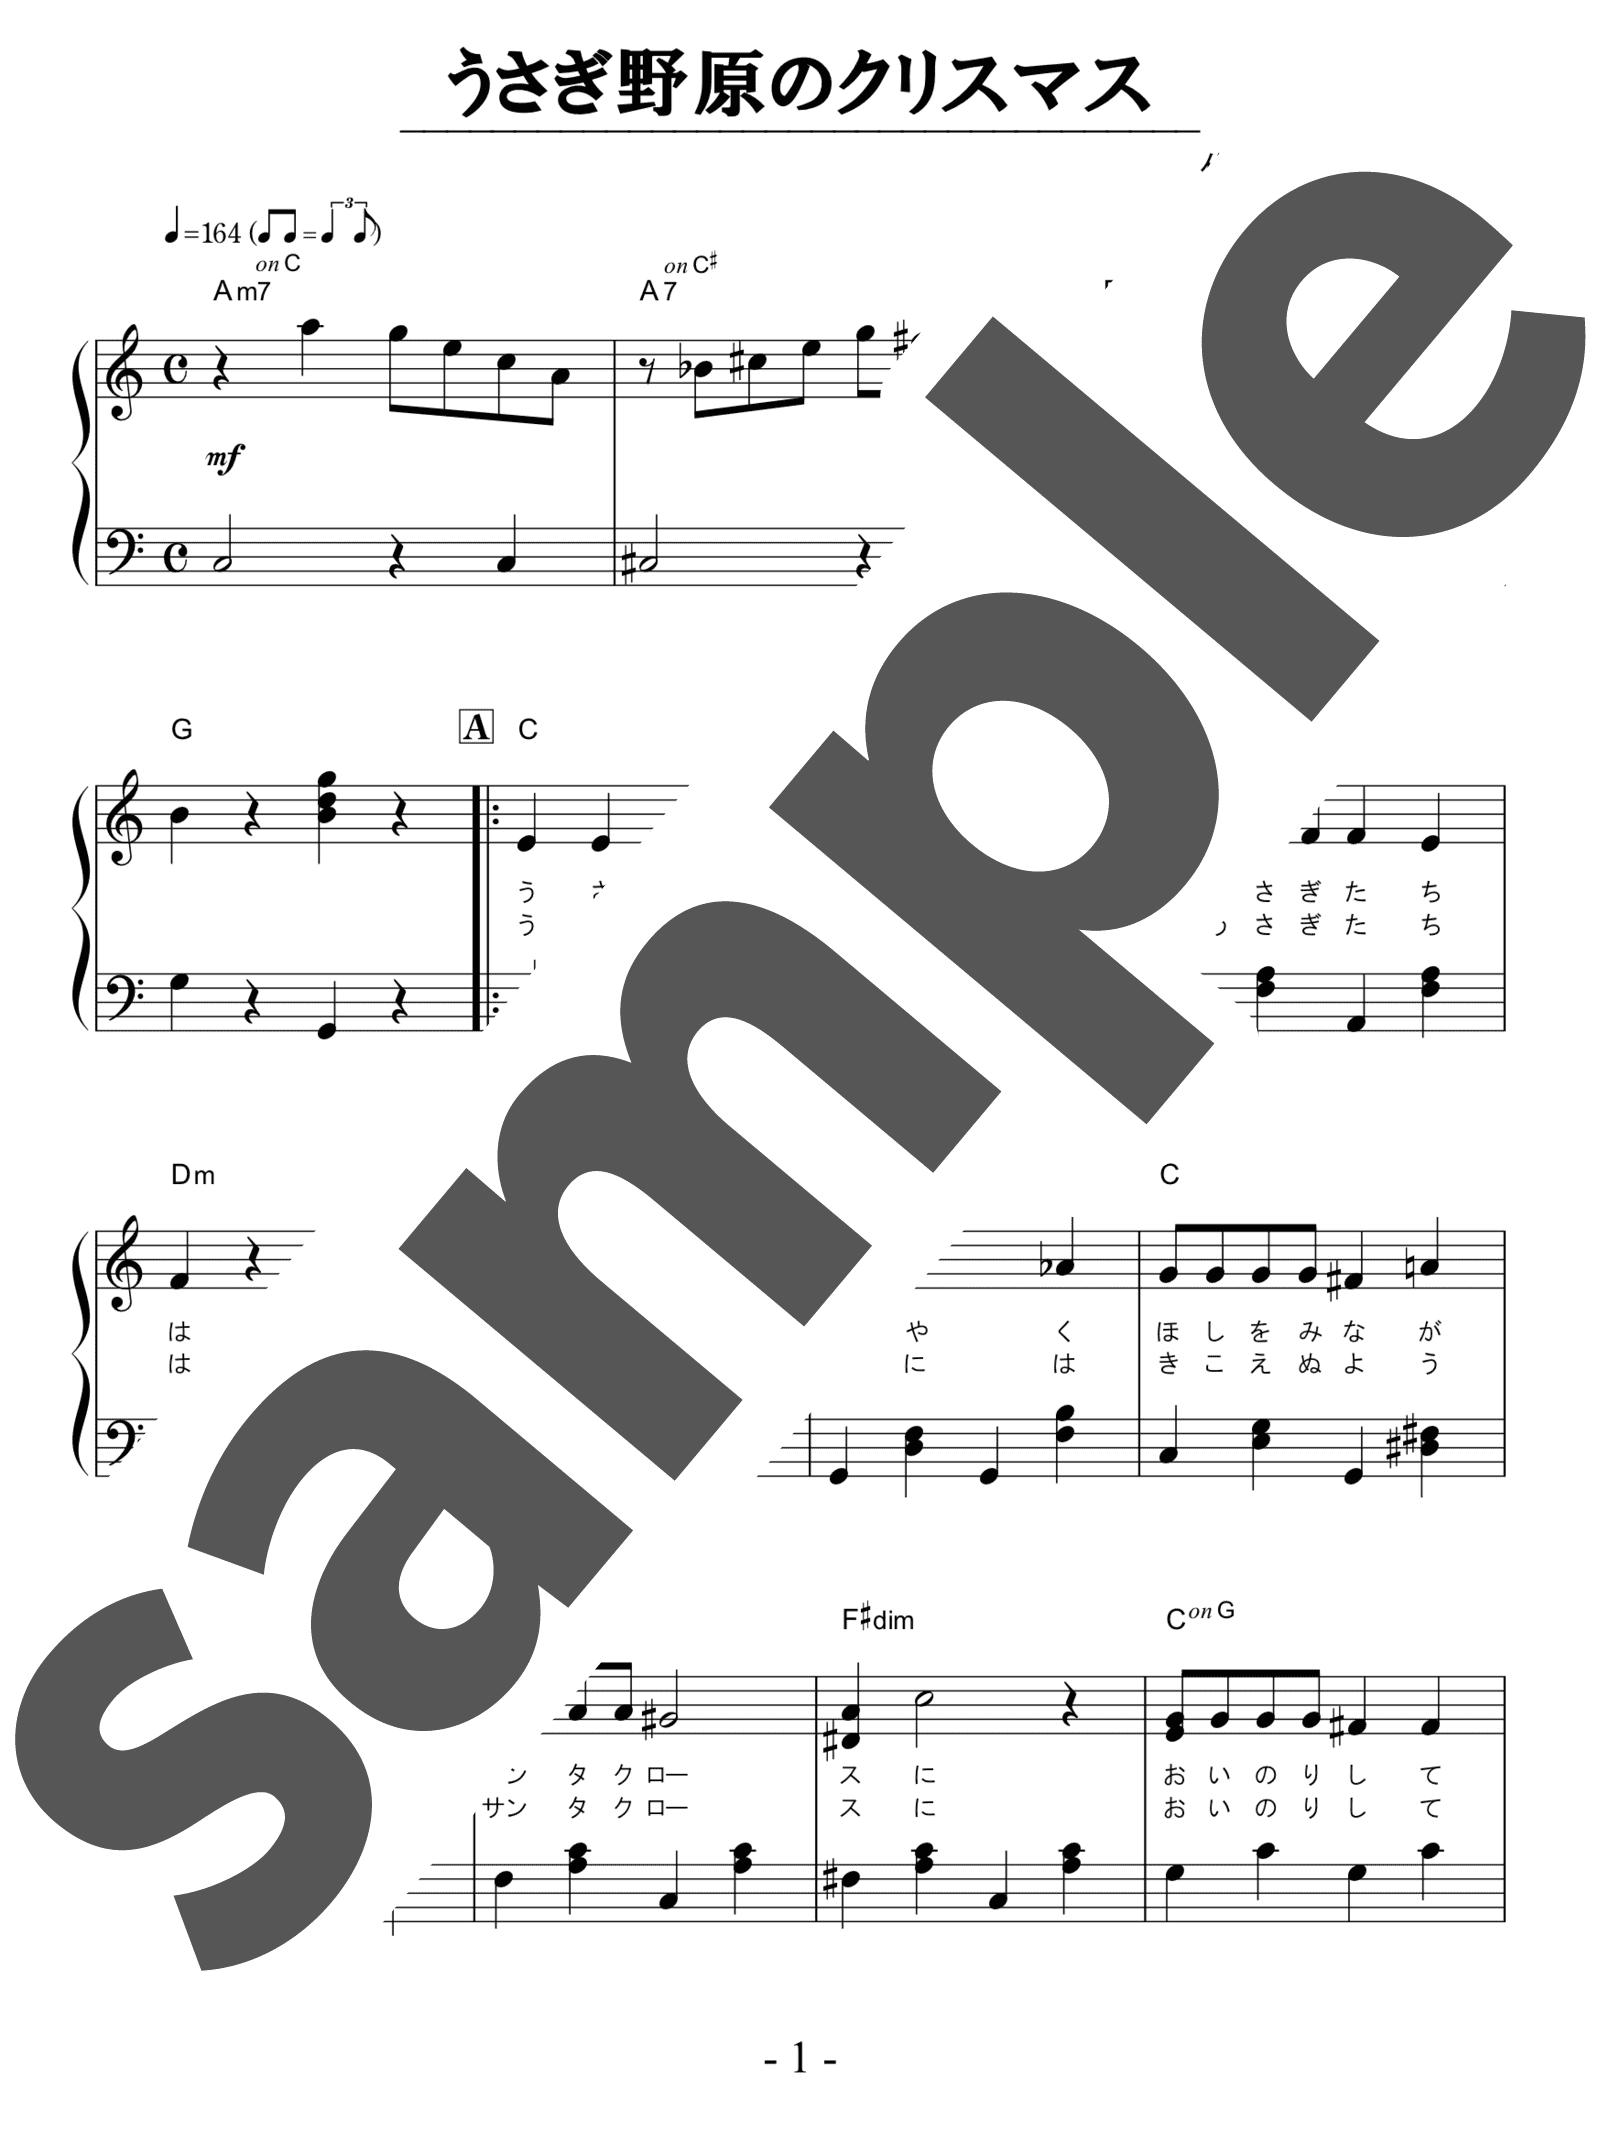 「うさぎ野原のクリスマス」のサンプル楽譜